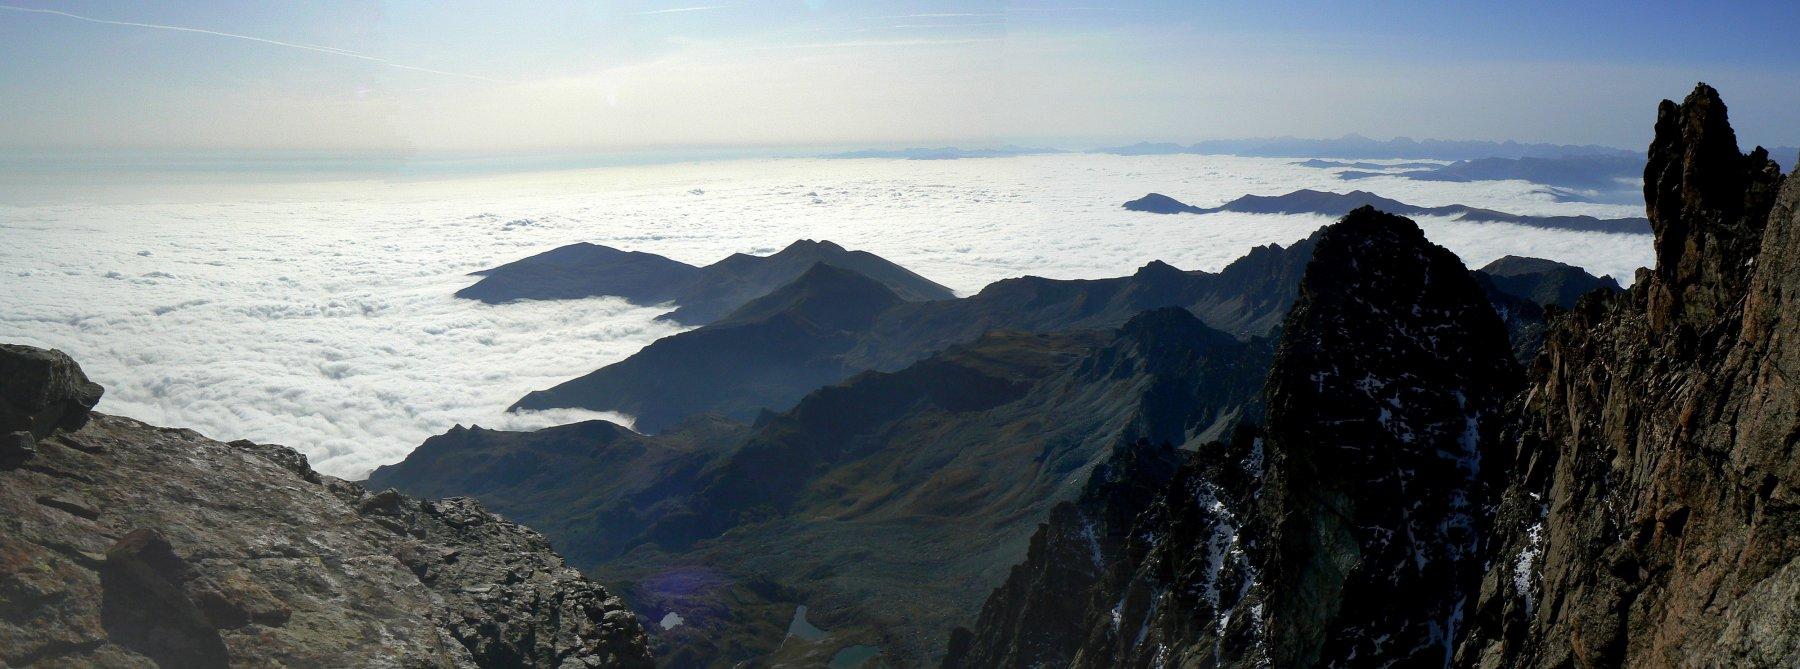 mare di nubi sulla pianura